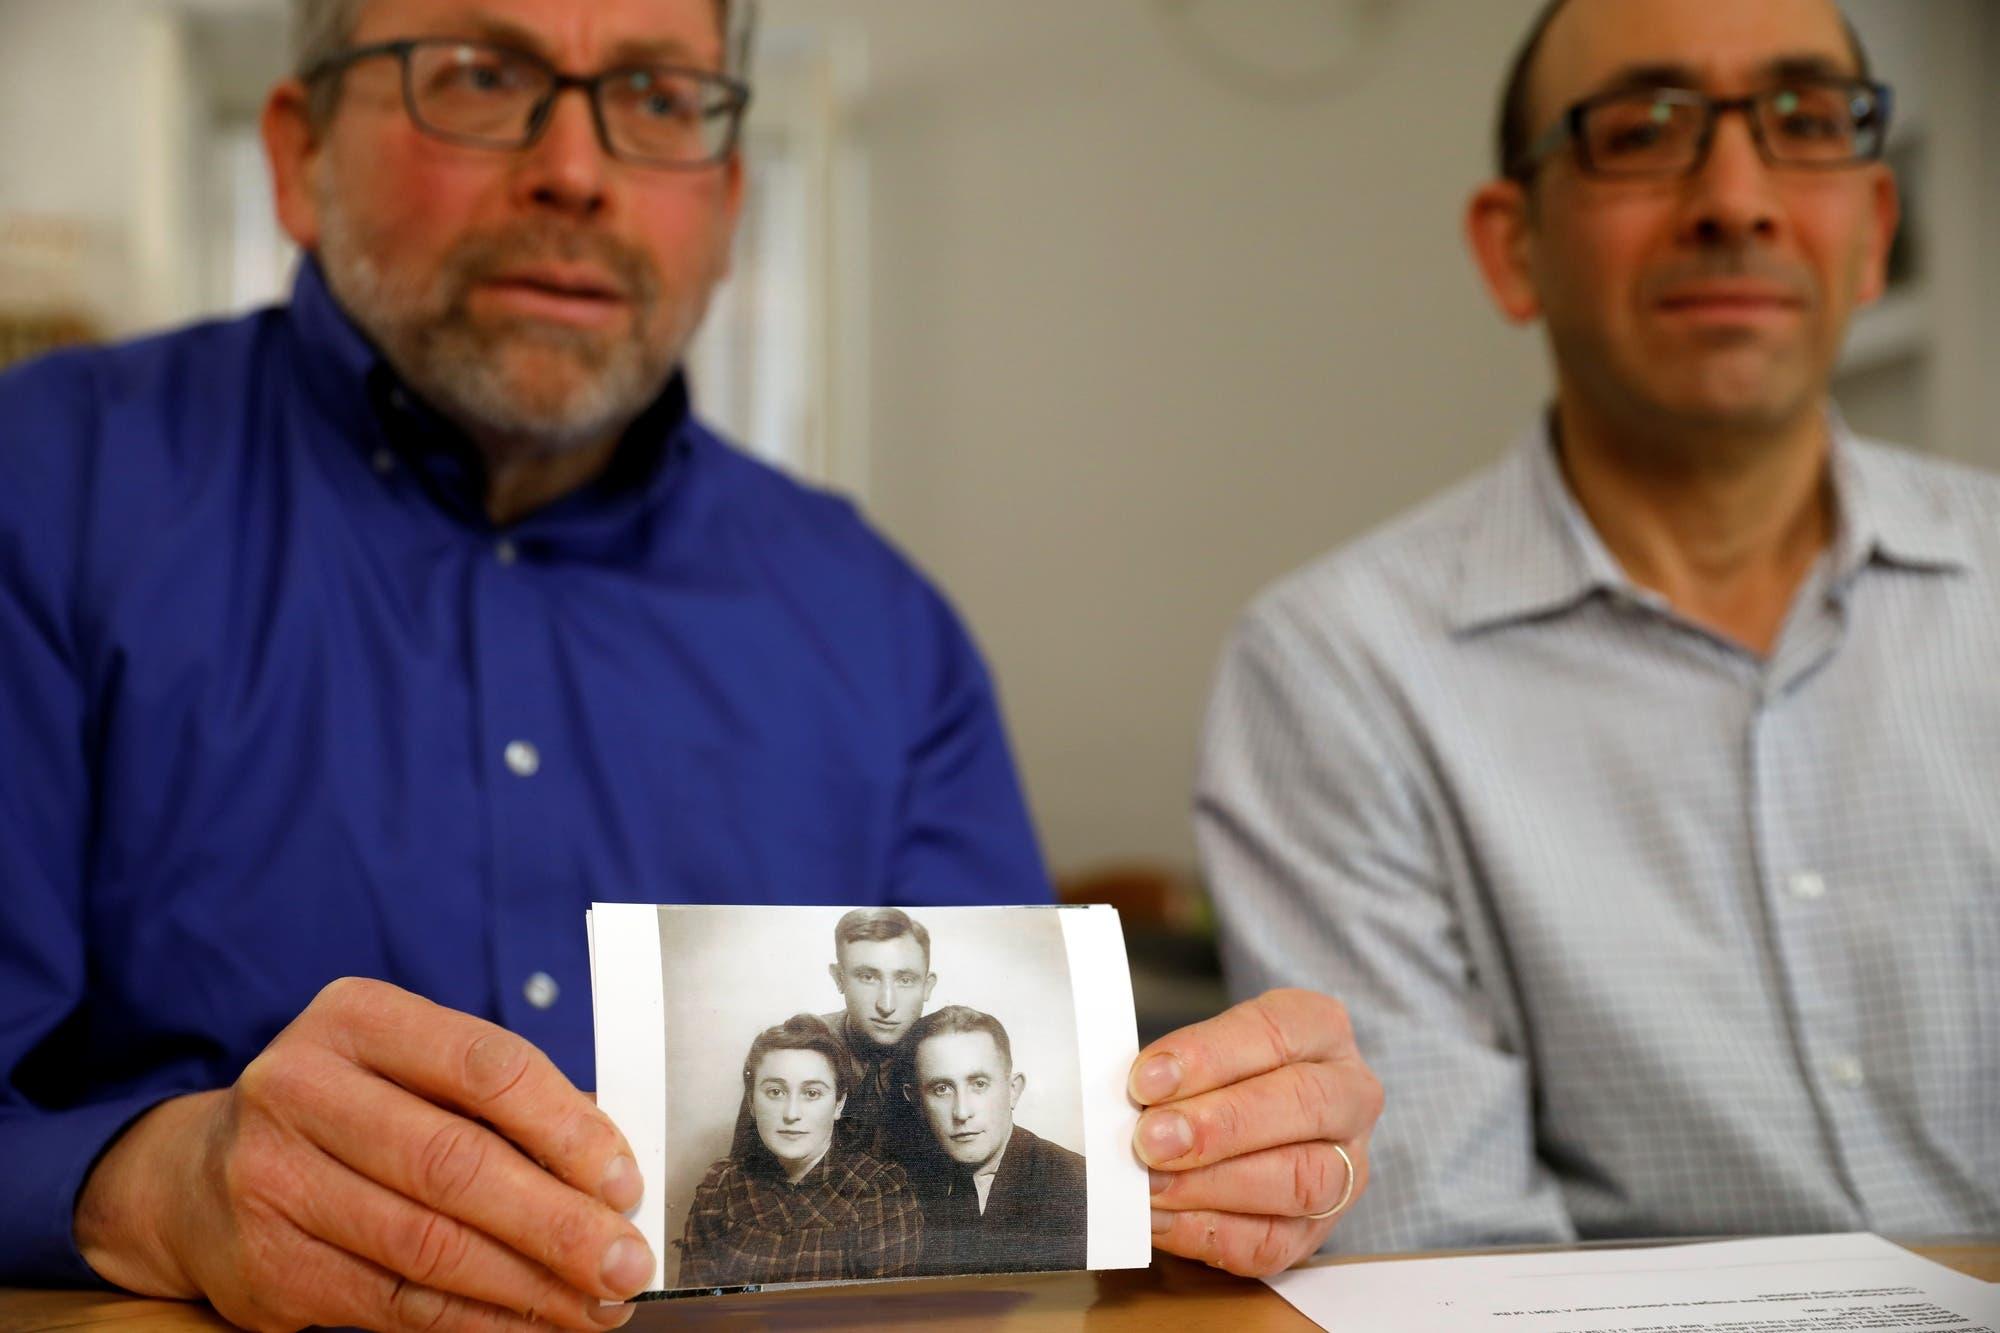 Los algoritmos de reconocimiento facial podría ayudar a dilucidar la historia de víctimas del Holocausto